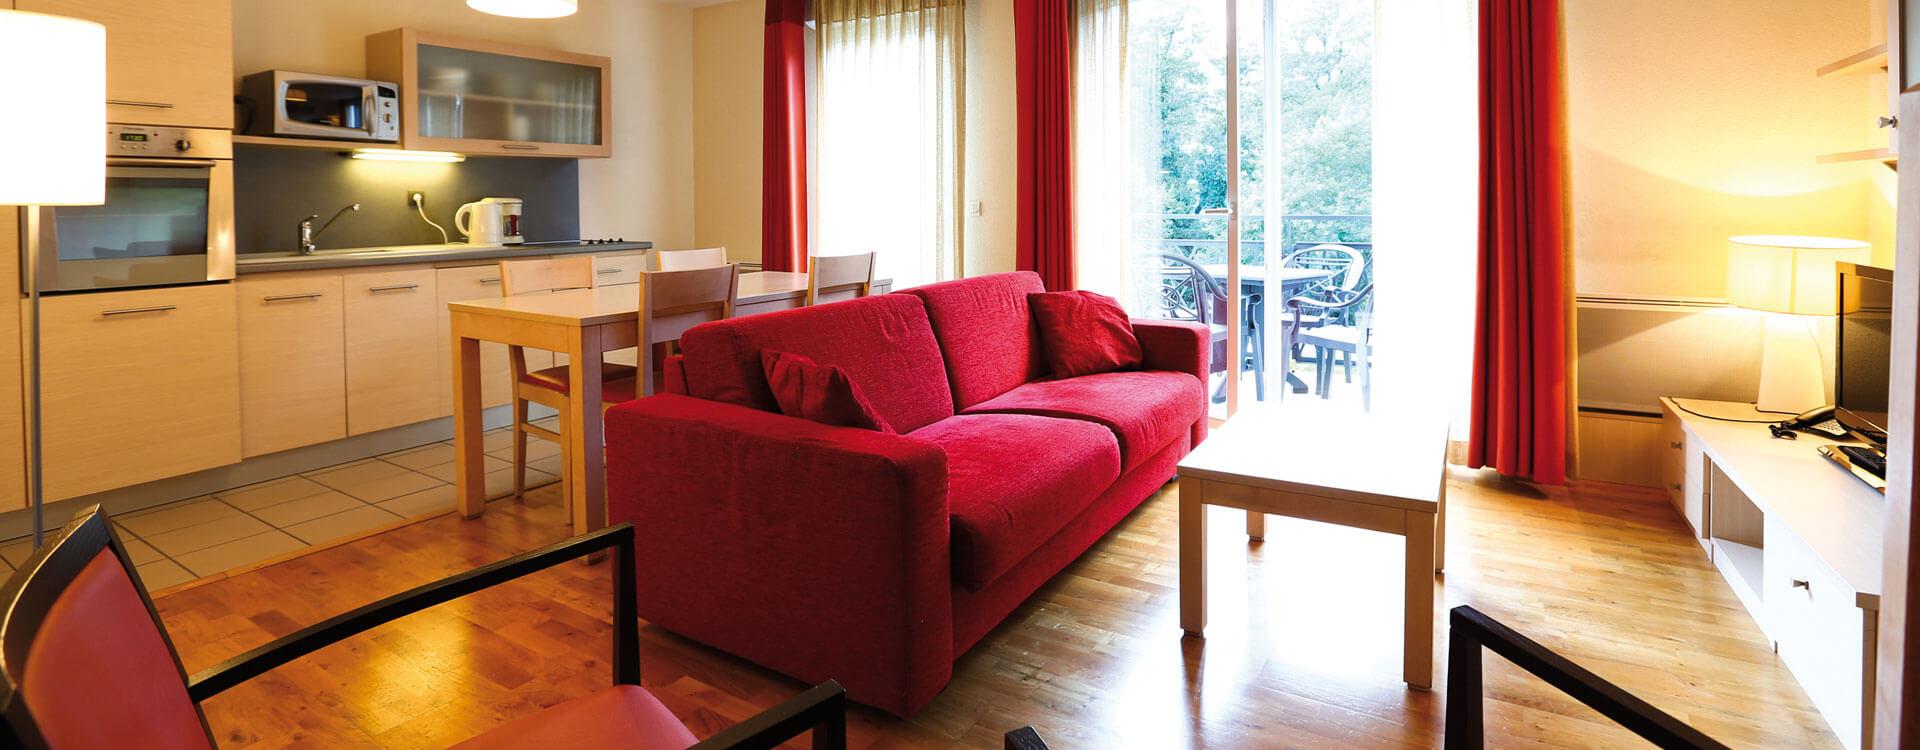 Appartement - Hôtel et résidence La Villa du Lac à Divonne